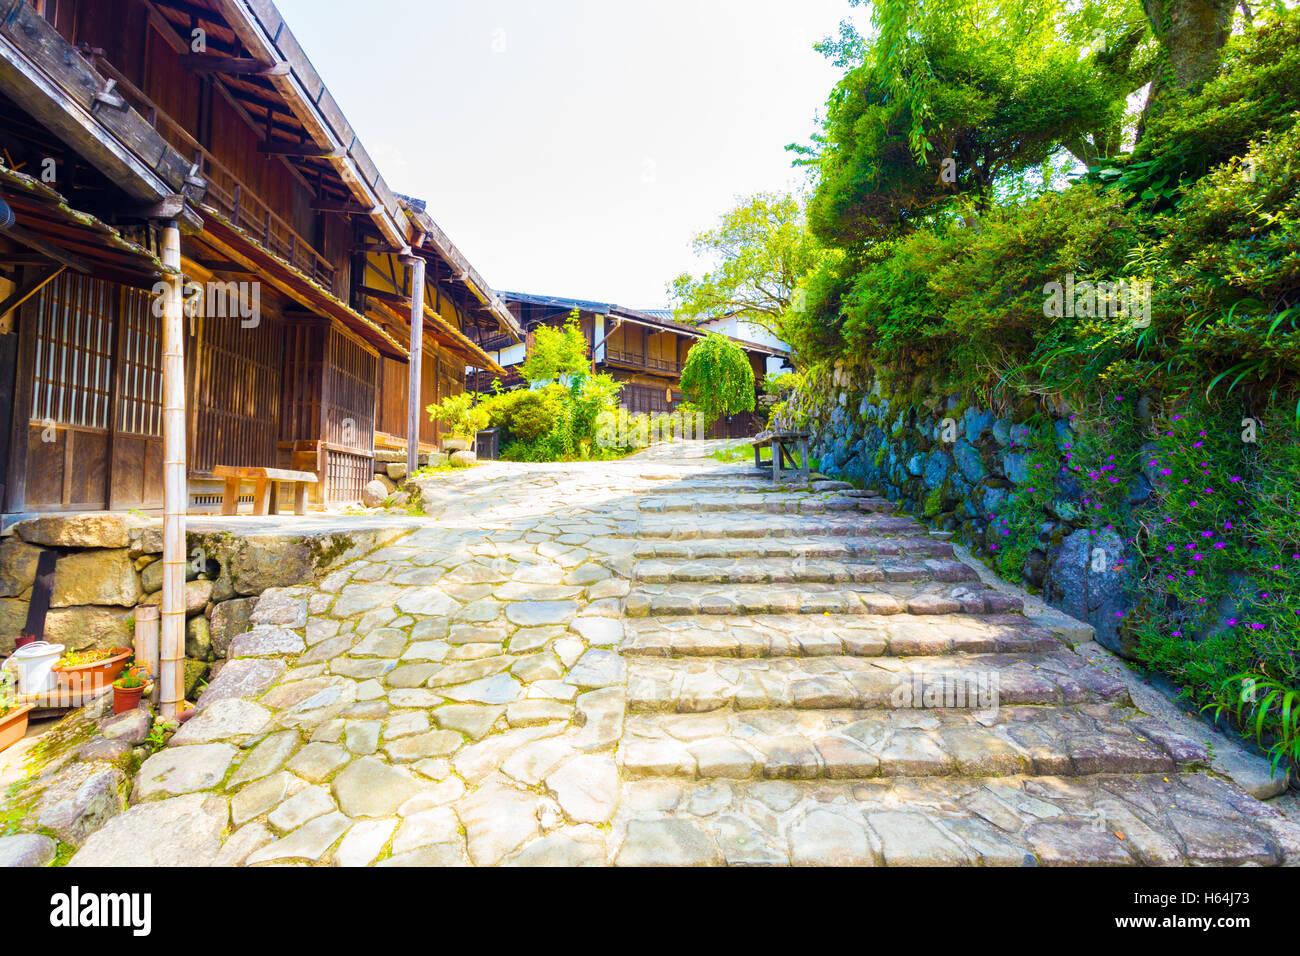 In Stile Giapponese Tradizionale Case Di Legno Su Una Pietra